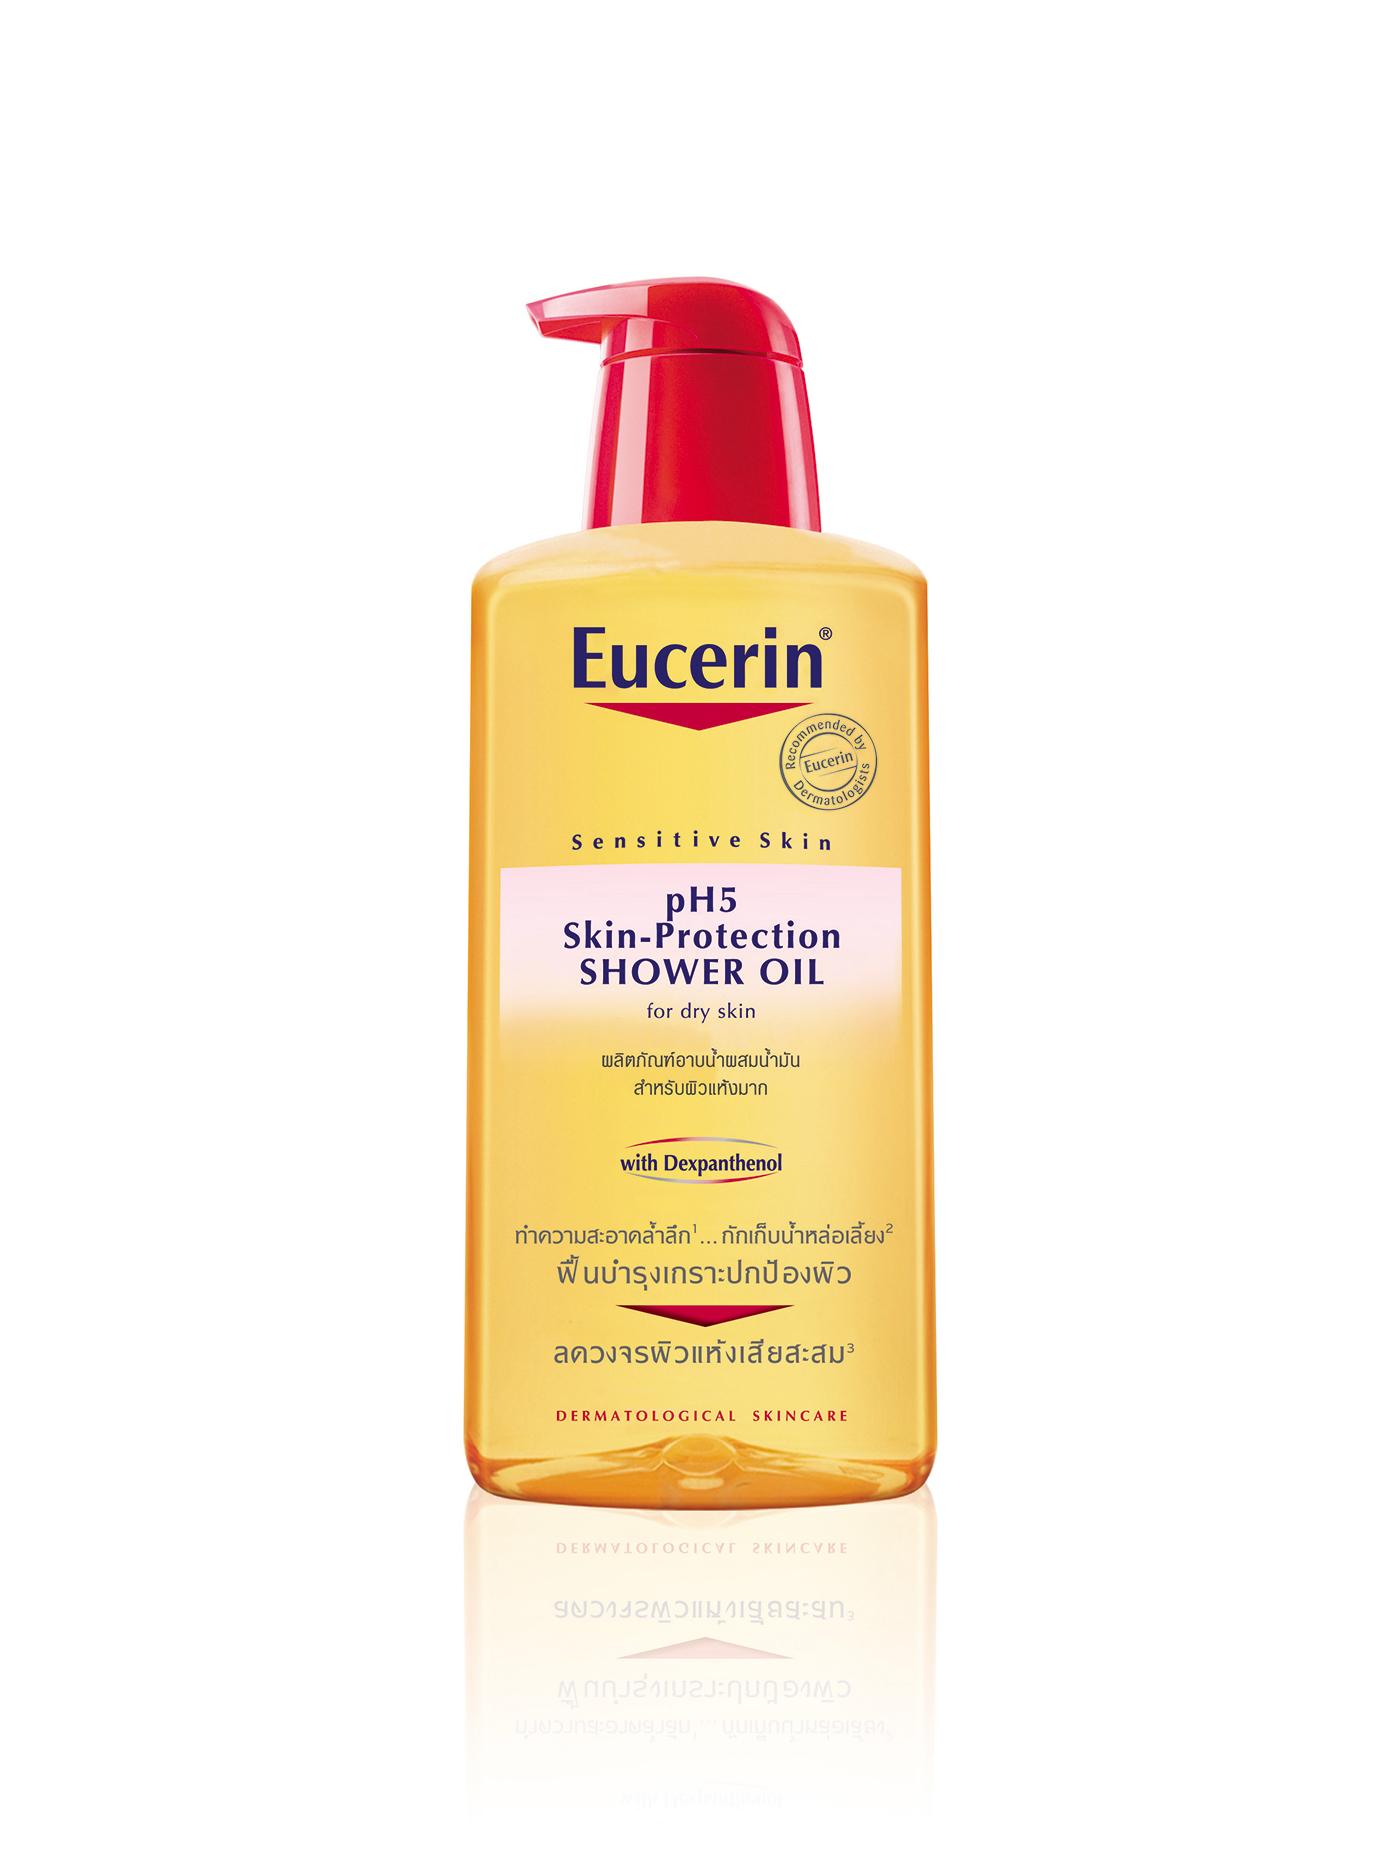 EUCERIN สบู่อาบน้ำผสมน้ำมัน pH5 สกิน โพรเทคชั่น 400 มล